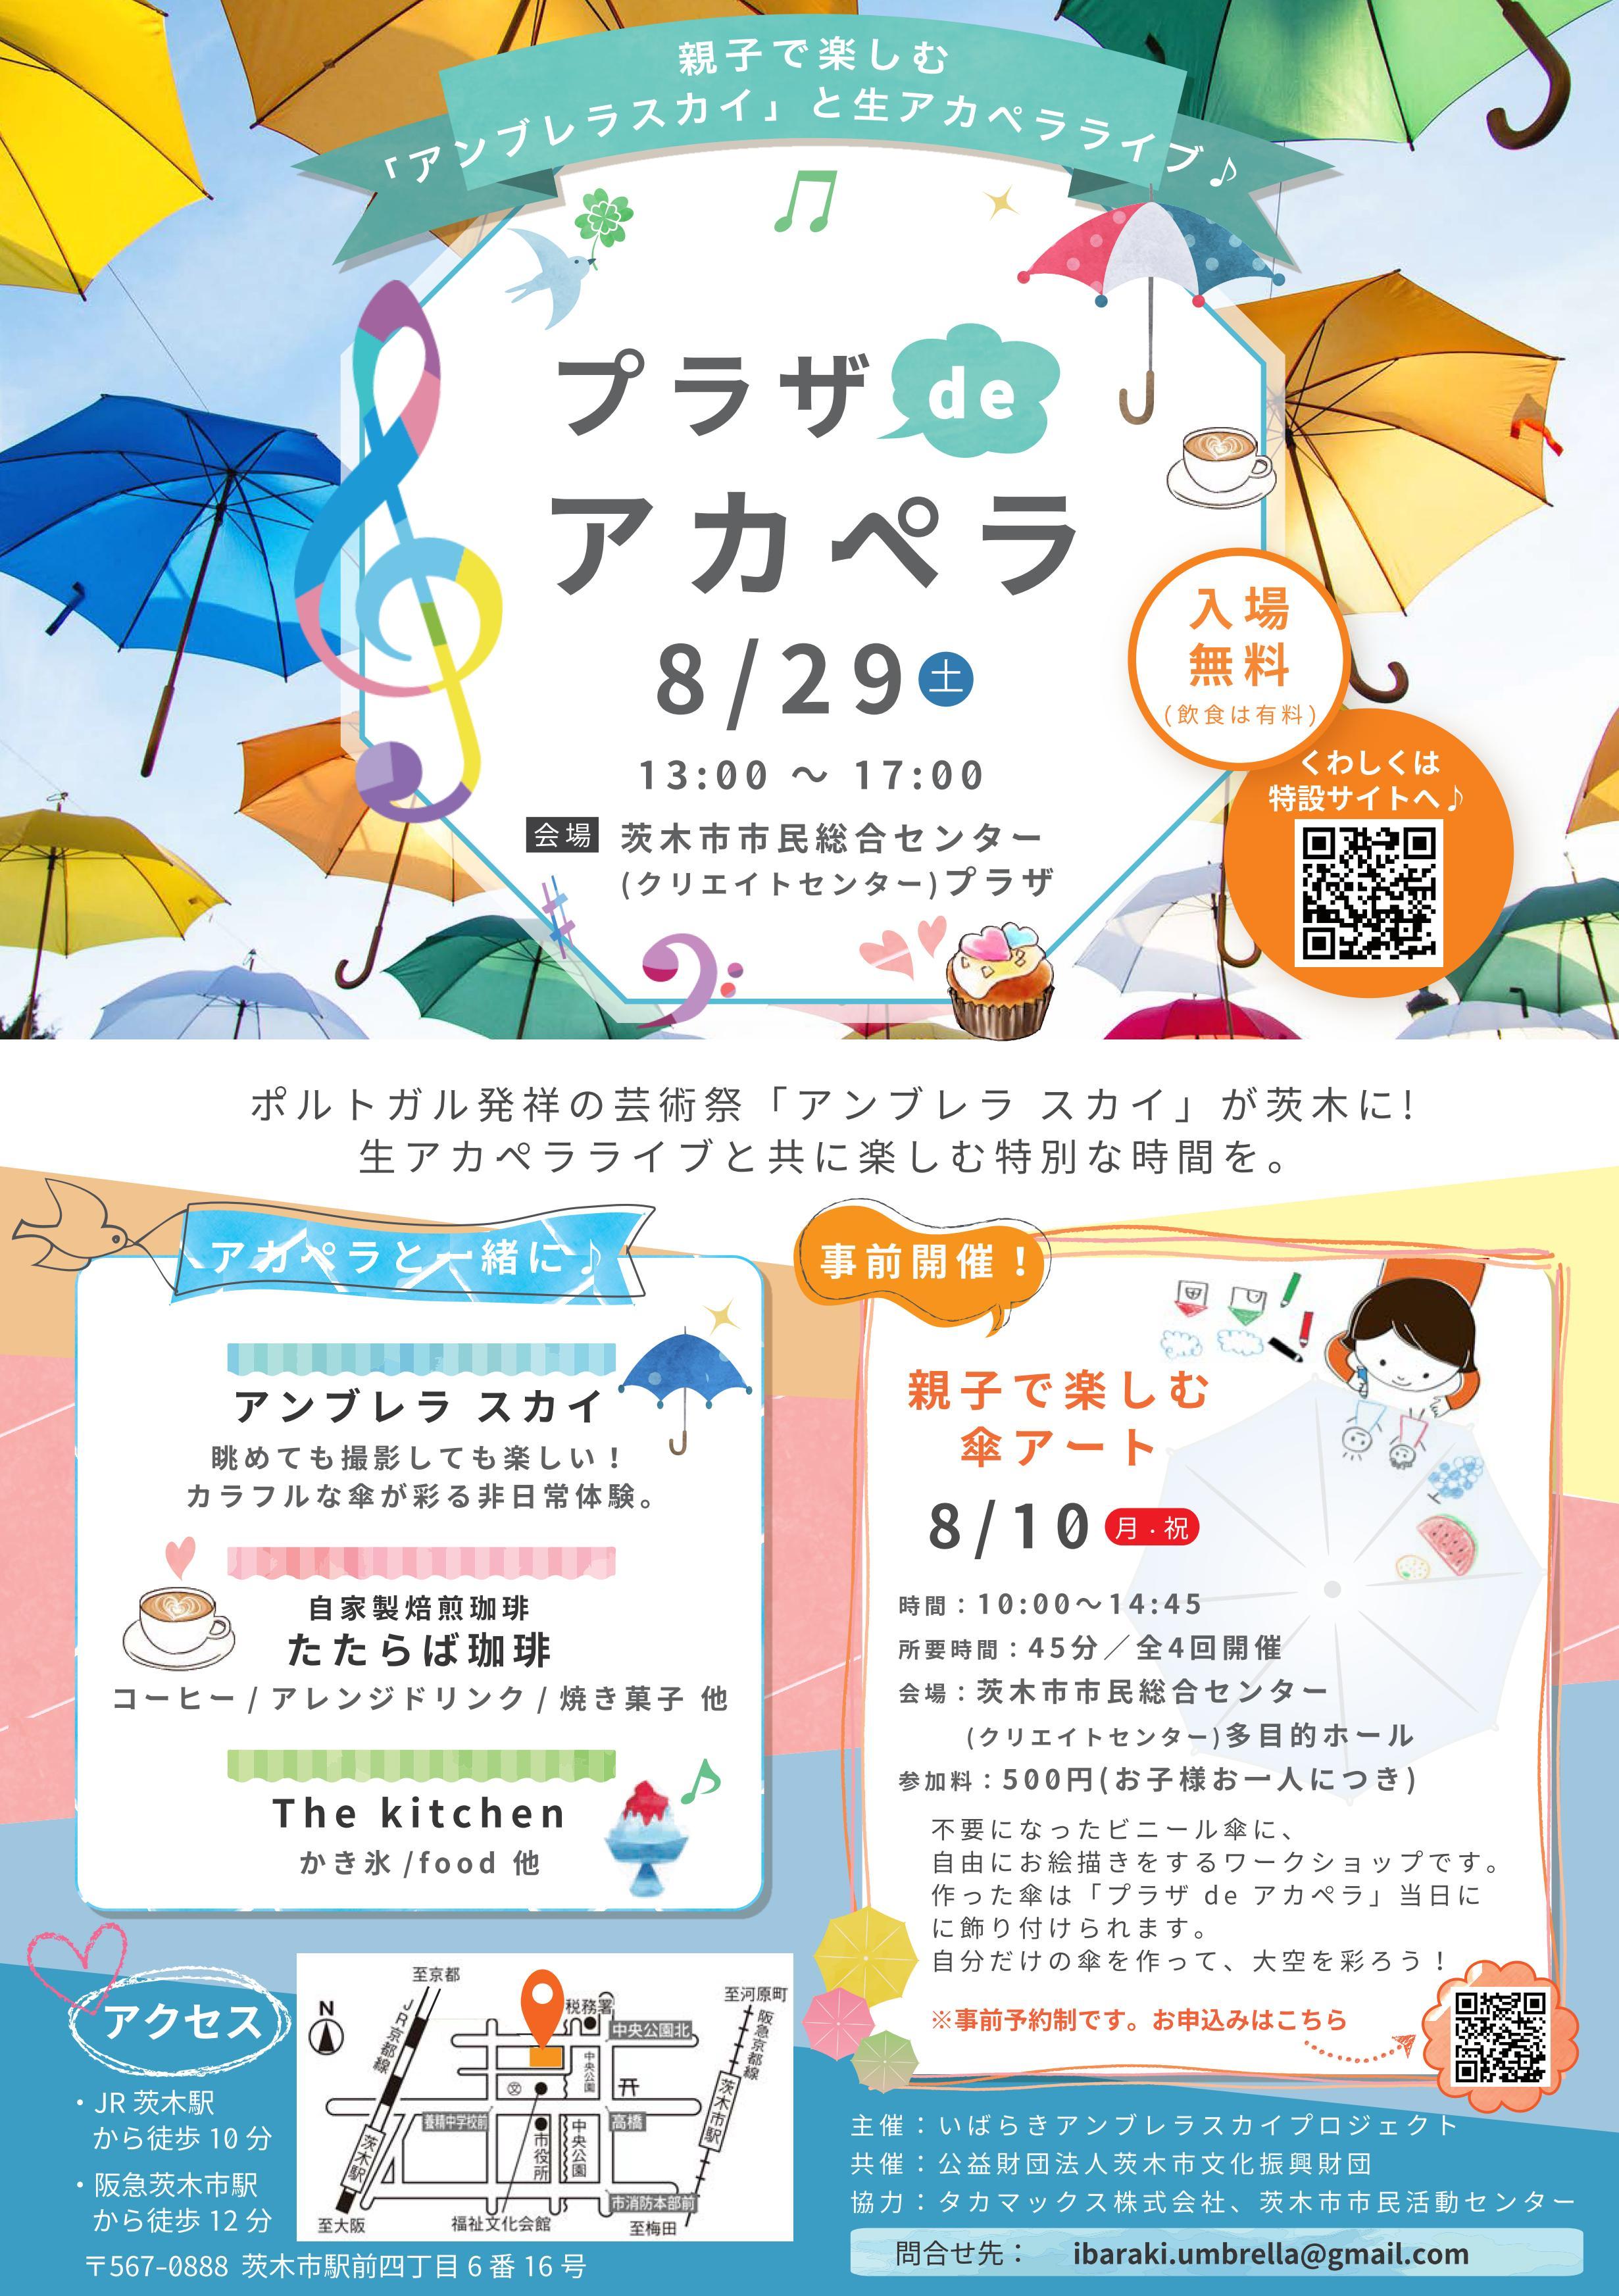 【振替】親子で楽しむ傘アート ~プラザ de アカペラ~関連イベント